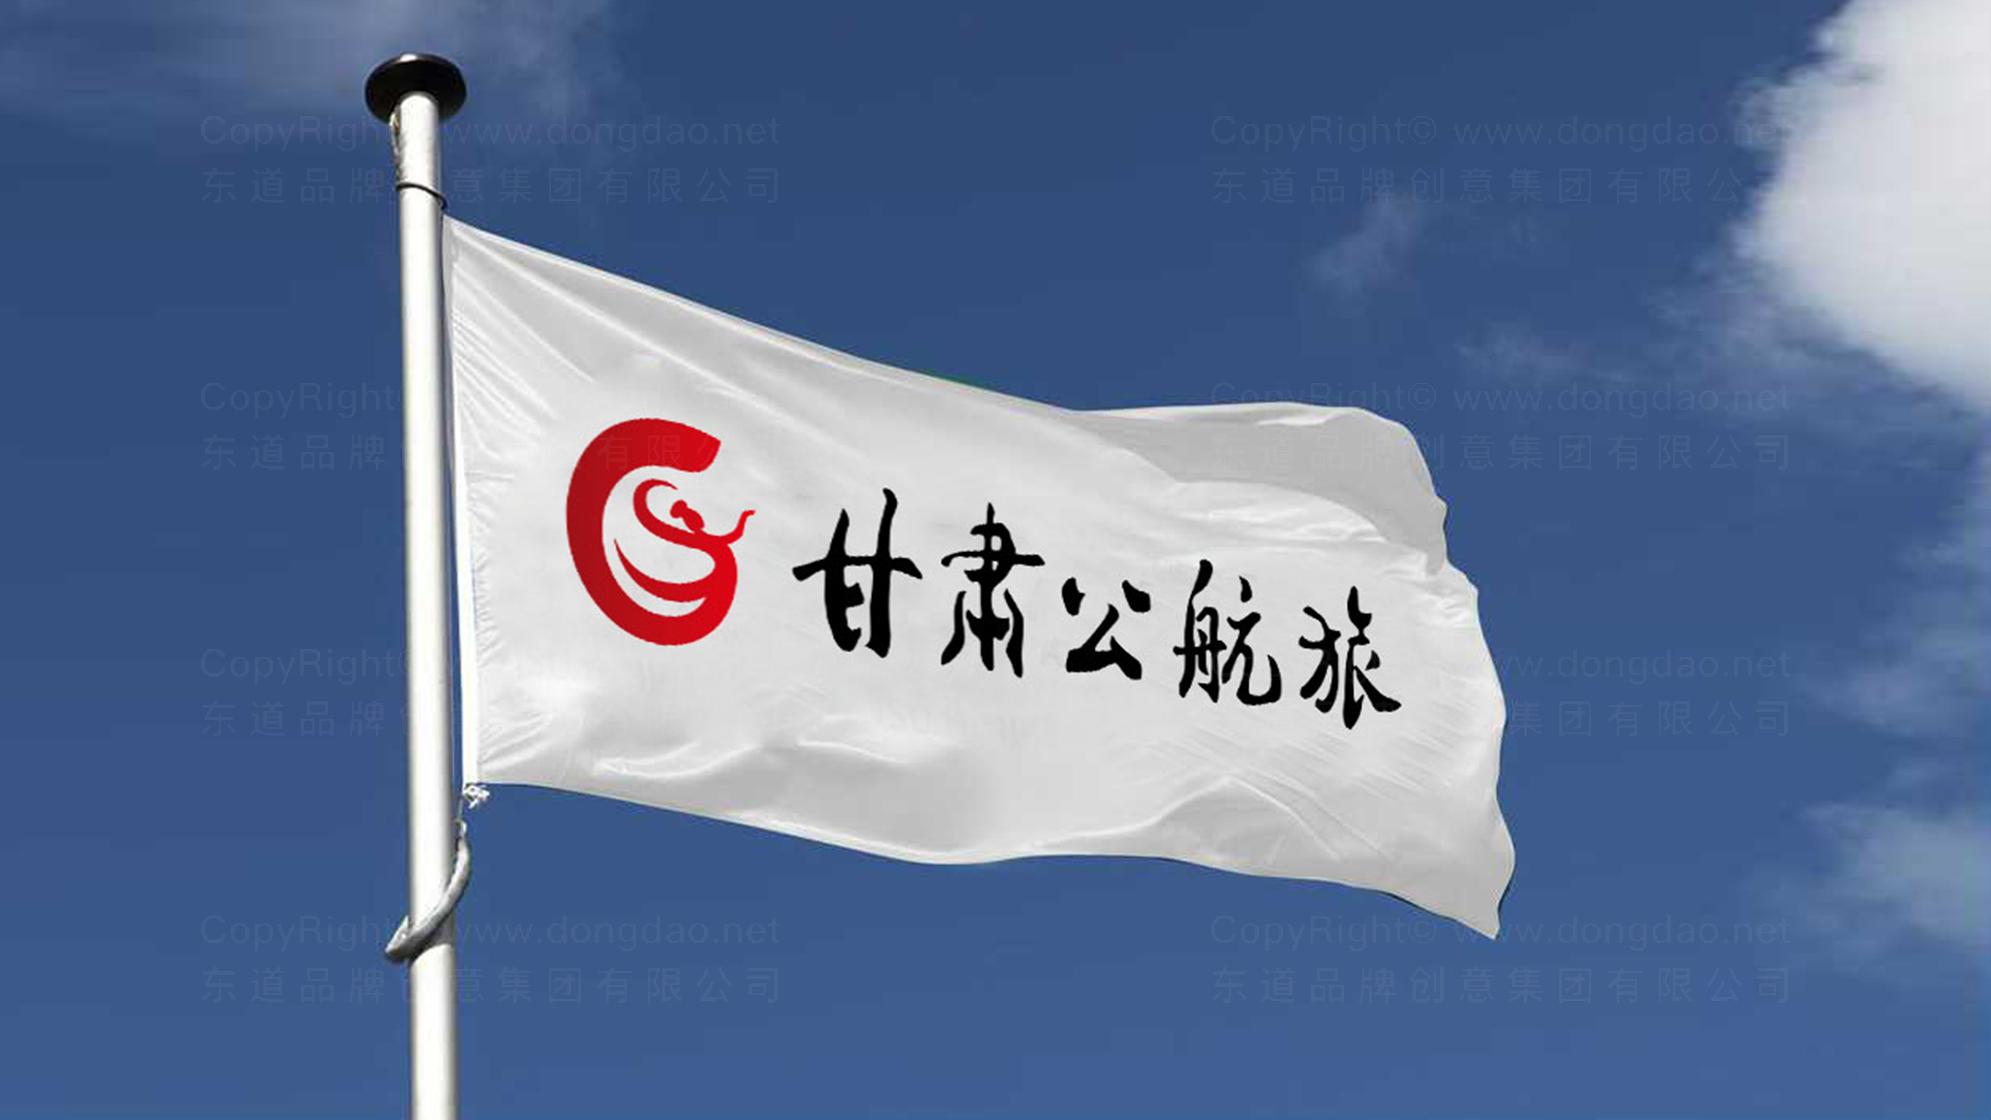 品牌设计甘肃公航旅标志设计应用场景_2